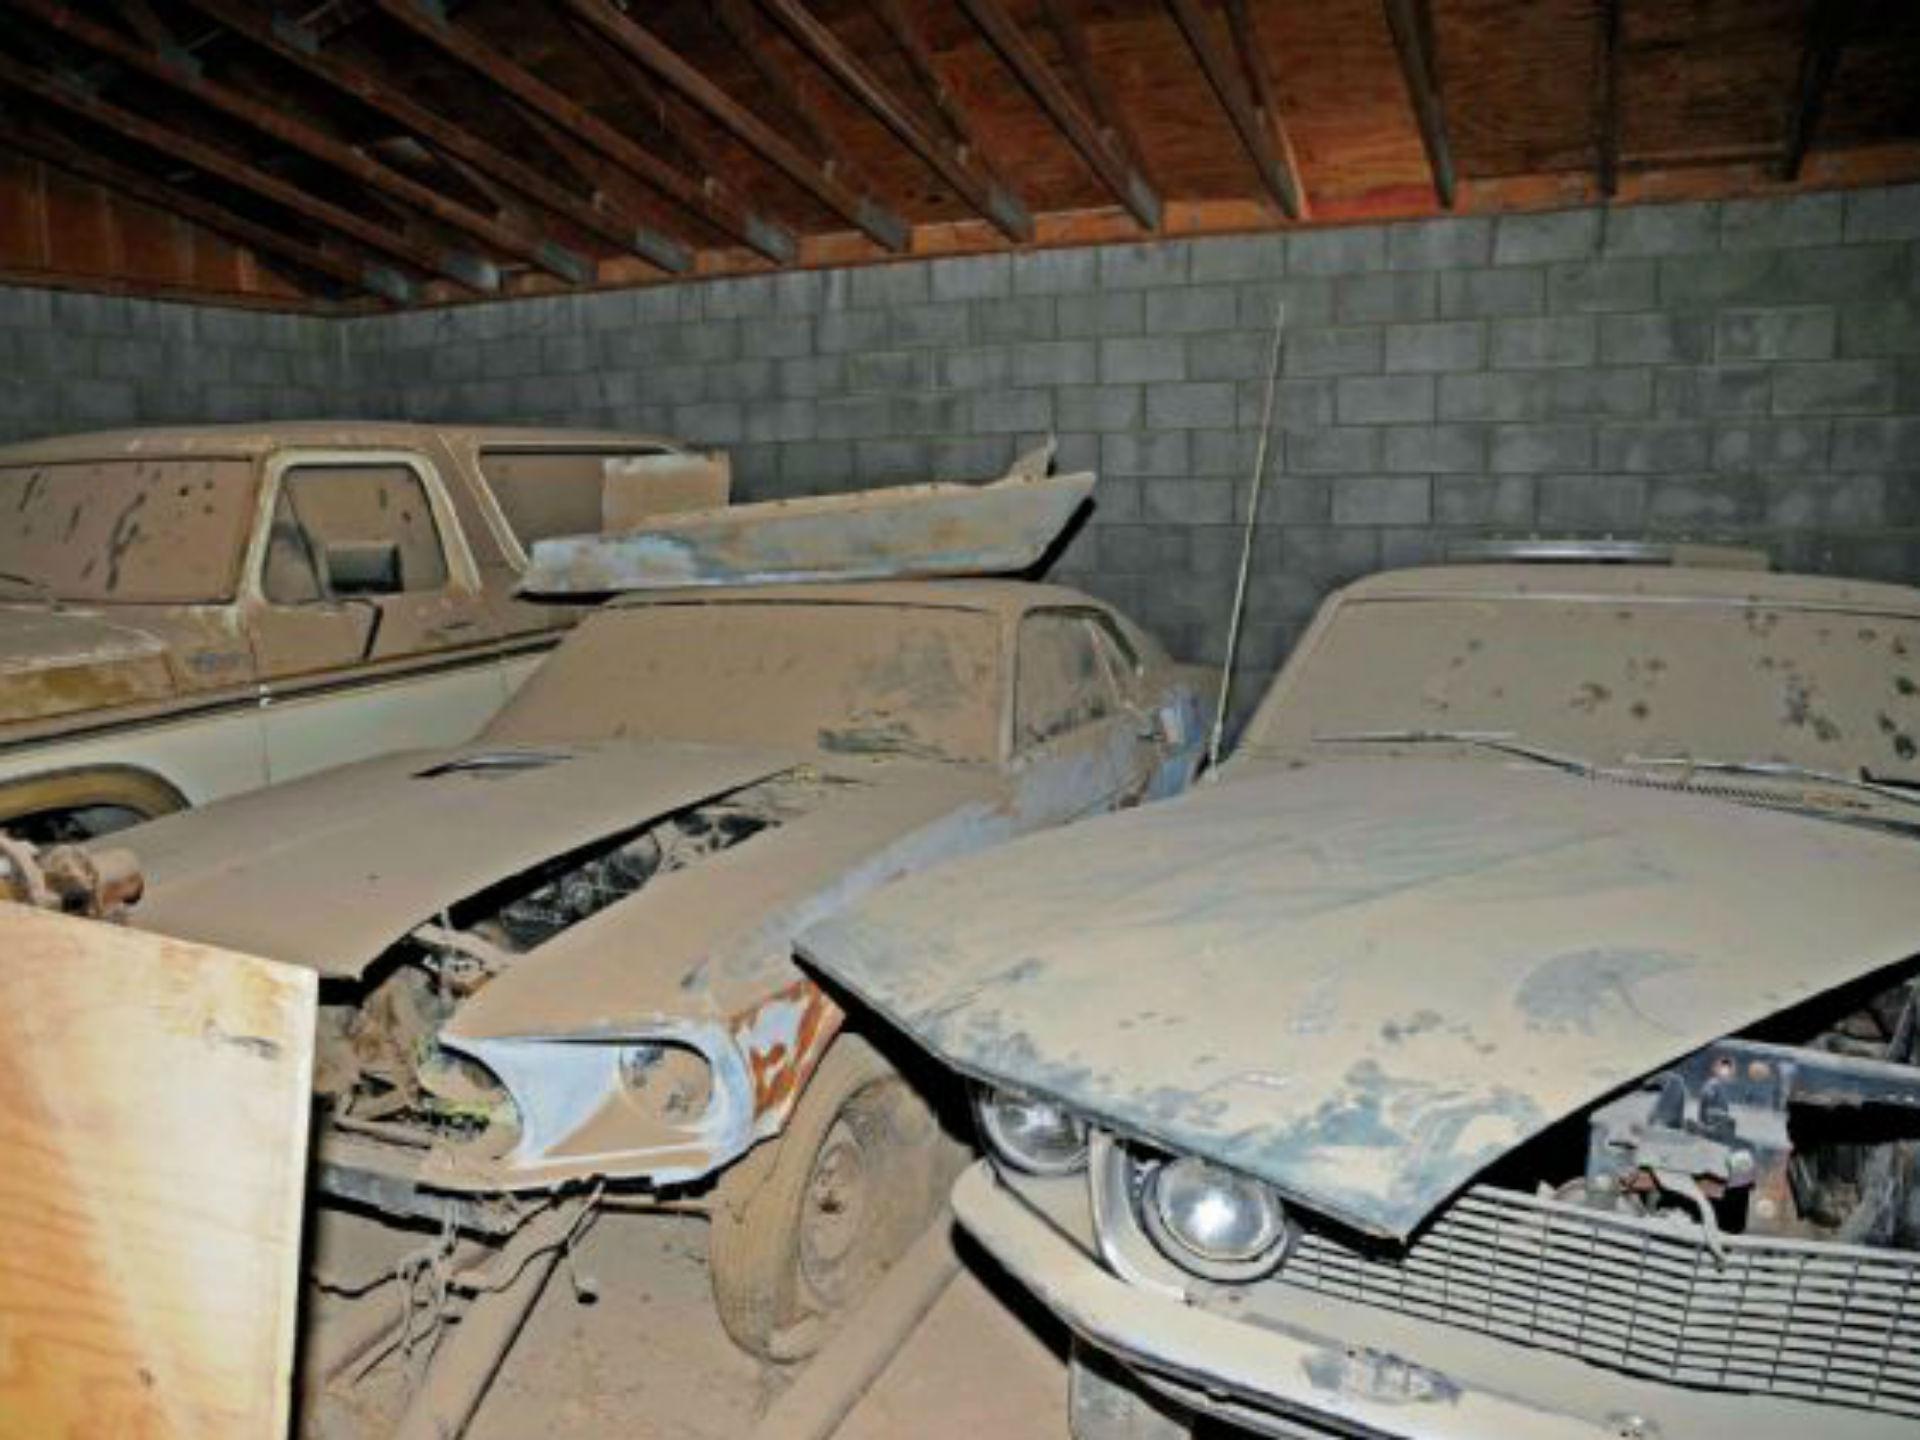 No se trata de sólo un Mustang, sino de una compilación completa de Muscle Cars, entre Torinos, un Cuda, un Talladega y muchas otras joyas. Pertenecen a Neil, quien a lo largo de su vida se ha dedicado a restaurar autos. Sin embargo, debido a ciertos problemas, no pudo concluirlo. Aunque ha recibido ofertas, se ha desmentido tajantemente a venderlos. Foto: Mustang and Fords